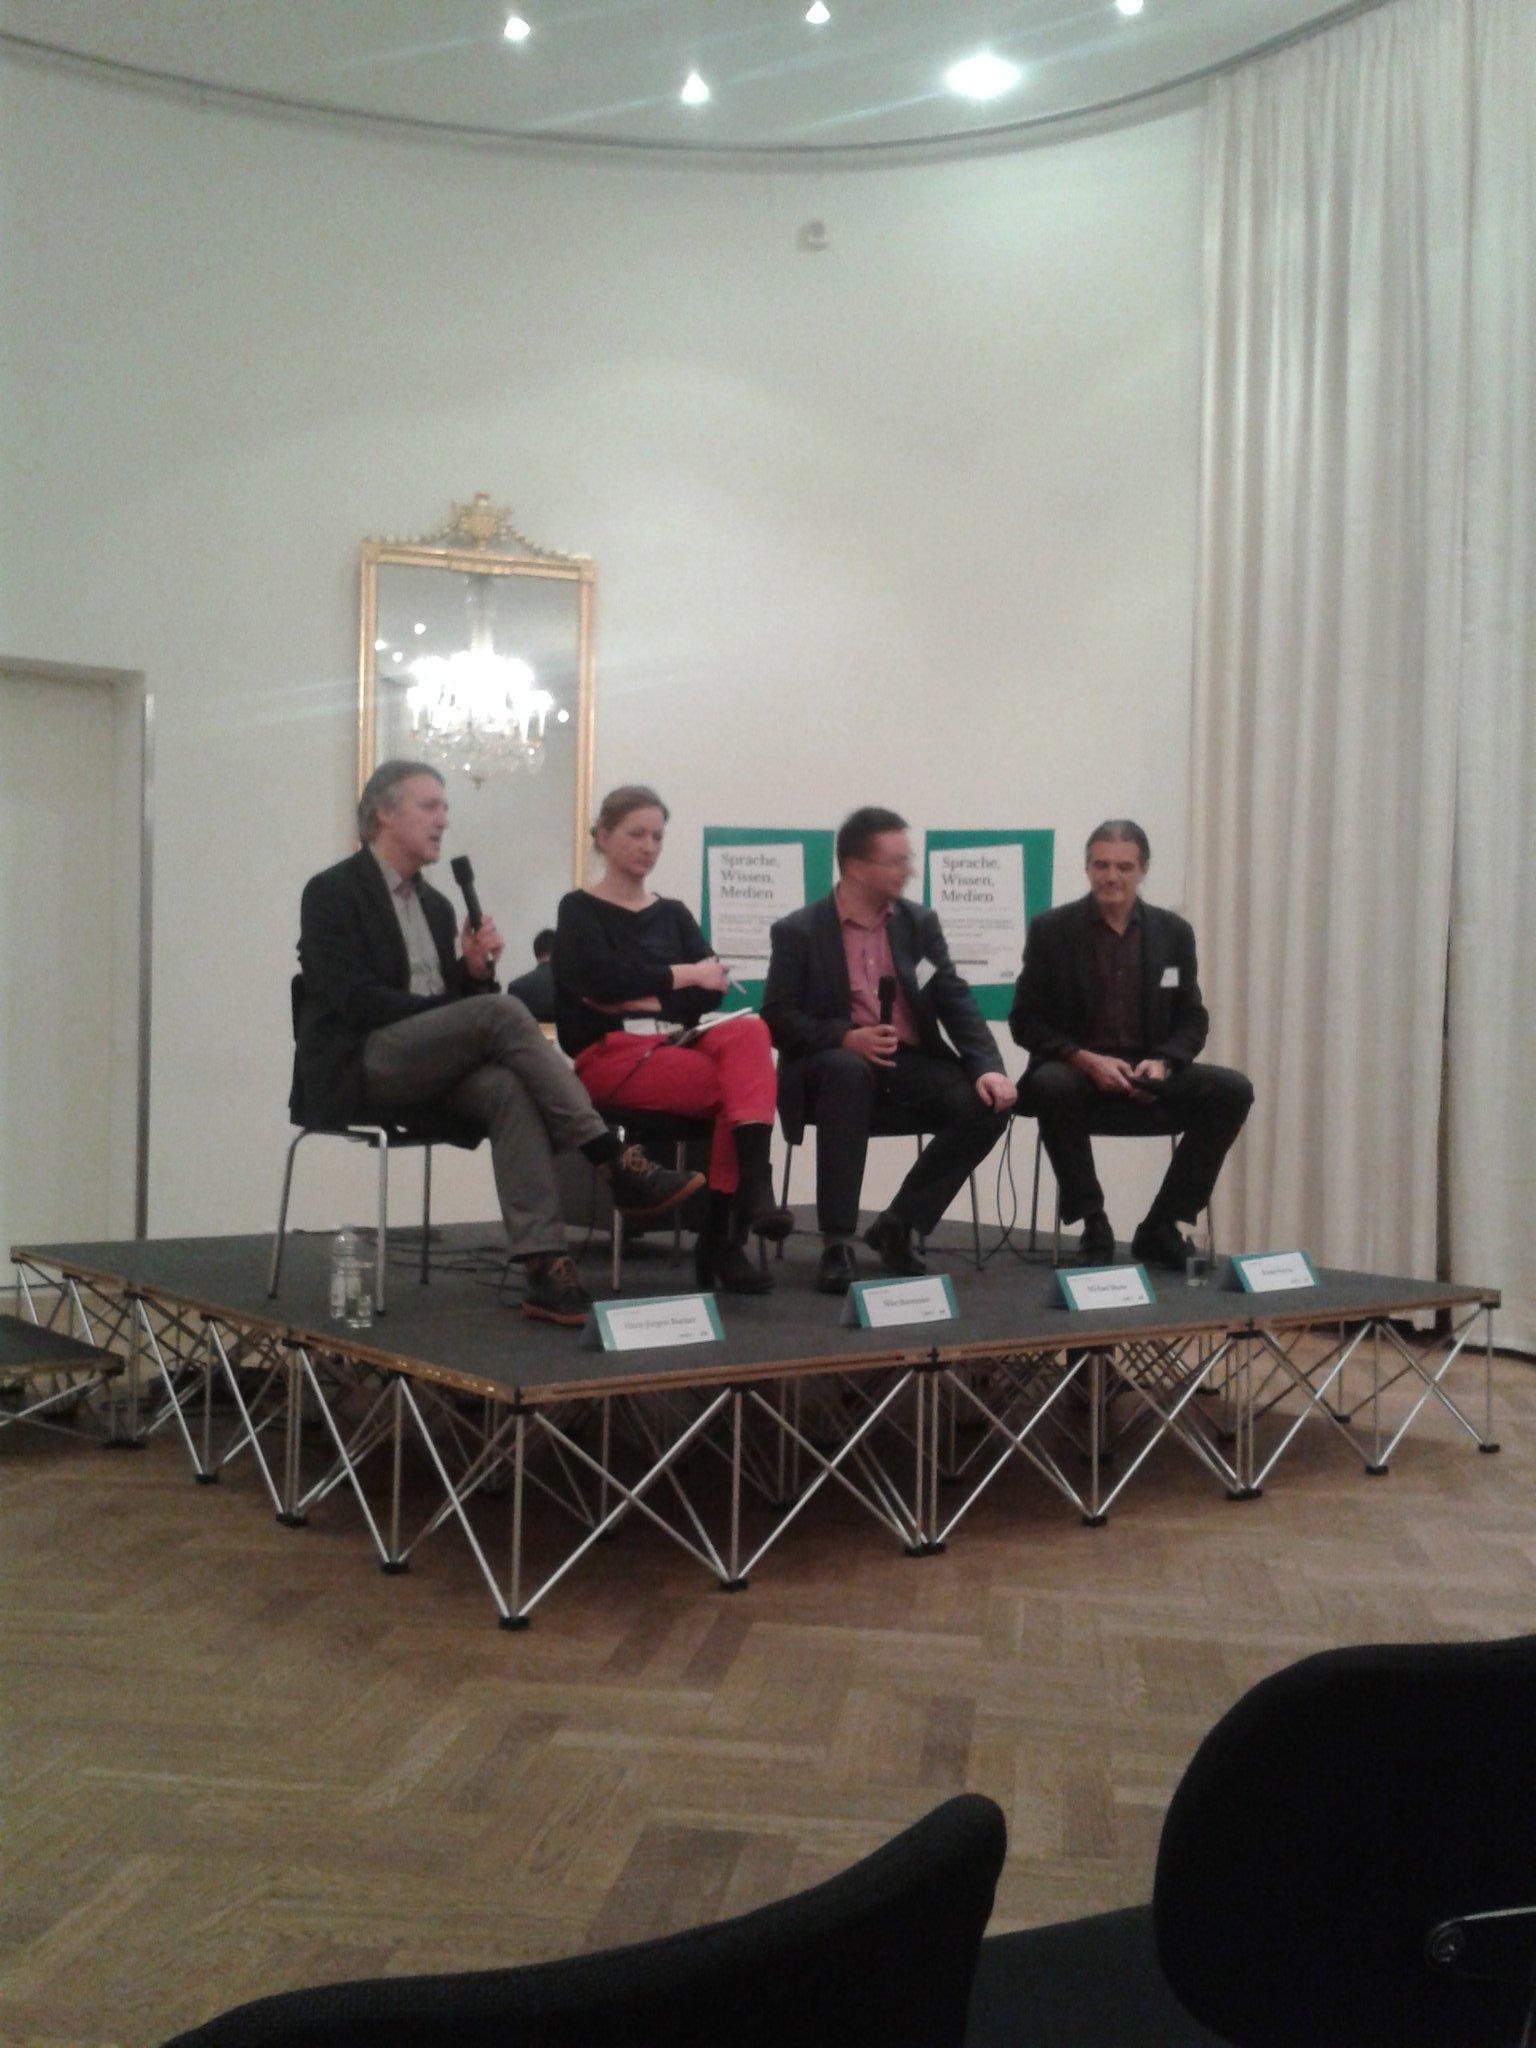 Panel mit Hans-Jürgen Bucher, @BlumeEvolution @SilkeBurmester u. Daniel Perrin beginnt mit Medienrevolution und Gesellschaft #dgpuk https://t.co/2pCsxOHCn2